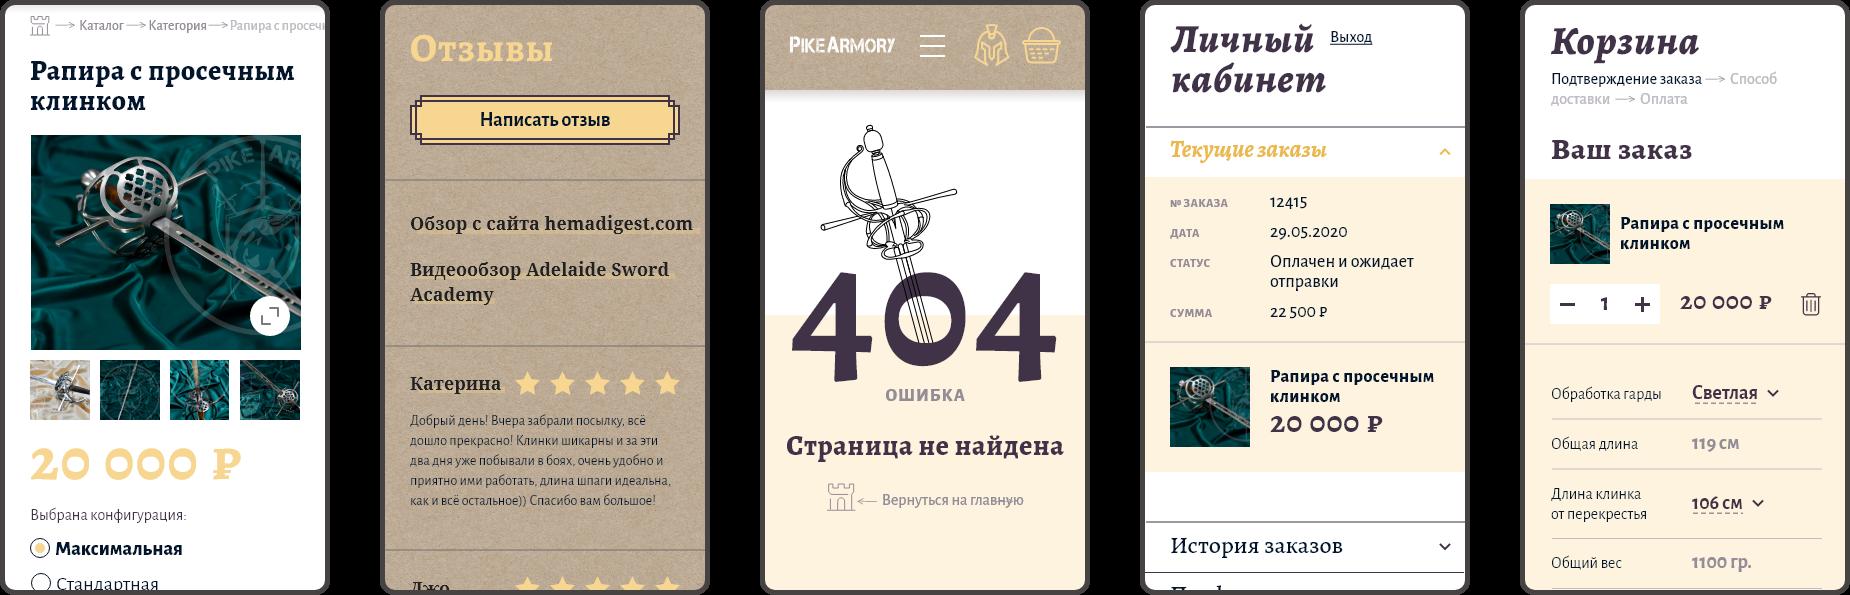 Внутренние страницы сайта на экране мобильного телефона